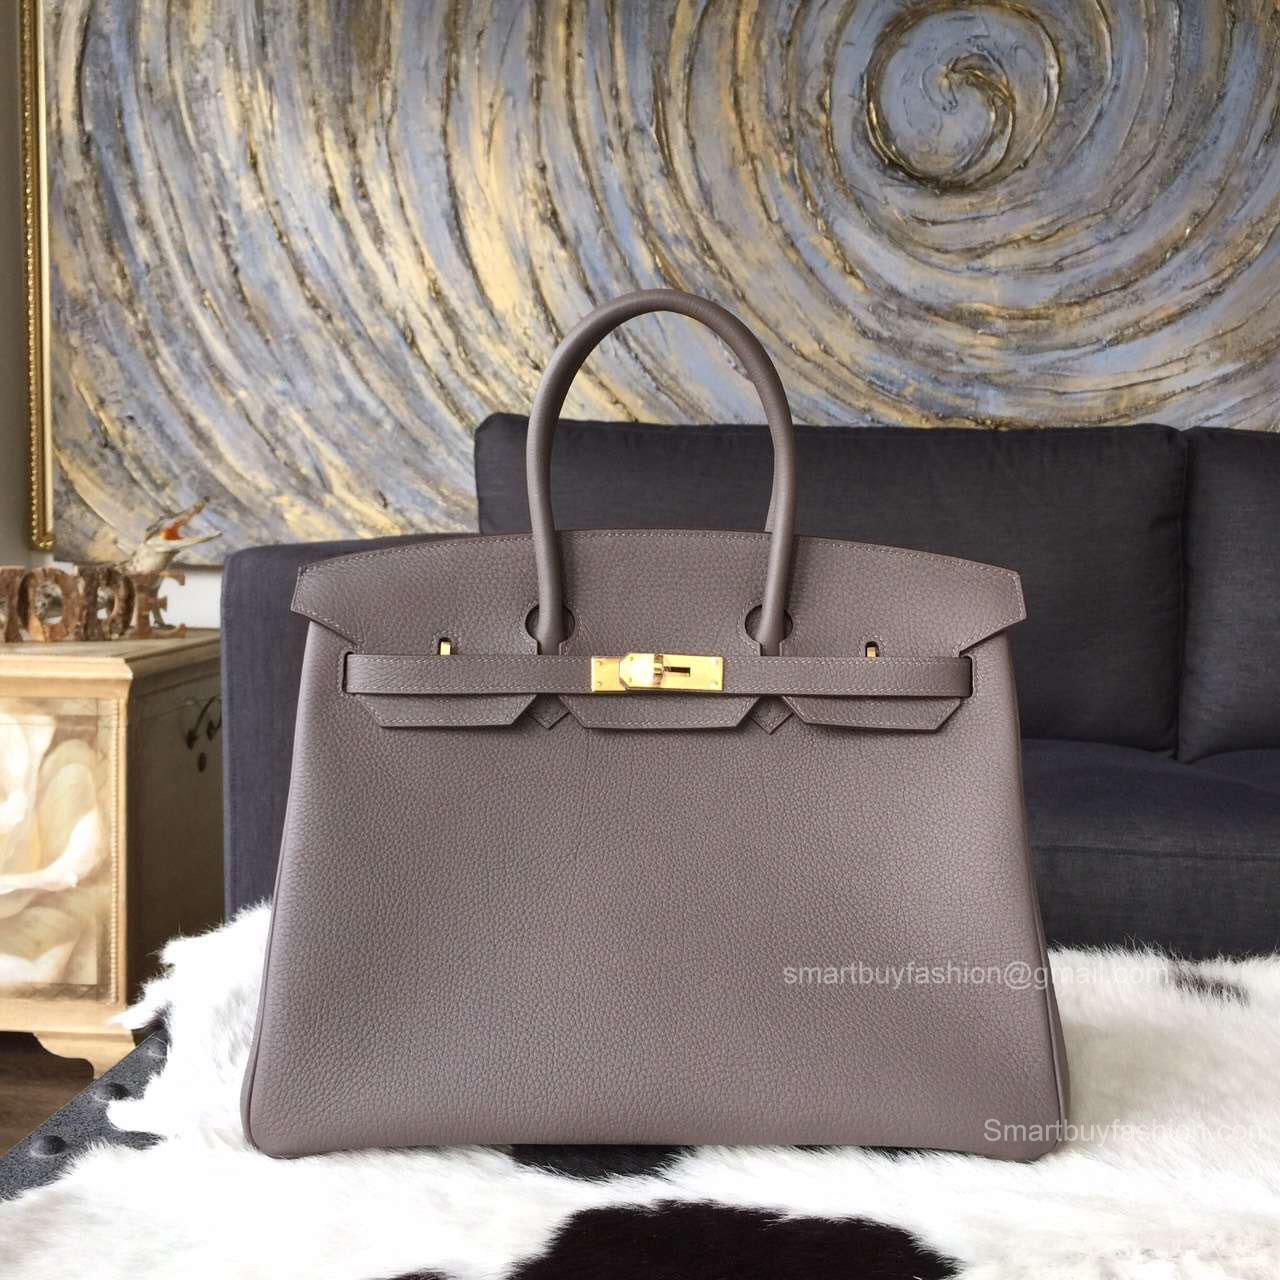 15a9c58ba033 Hermes Birkin 35 cm Togo Bag Etain 8f Handstitched Gold Hw -